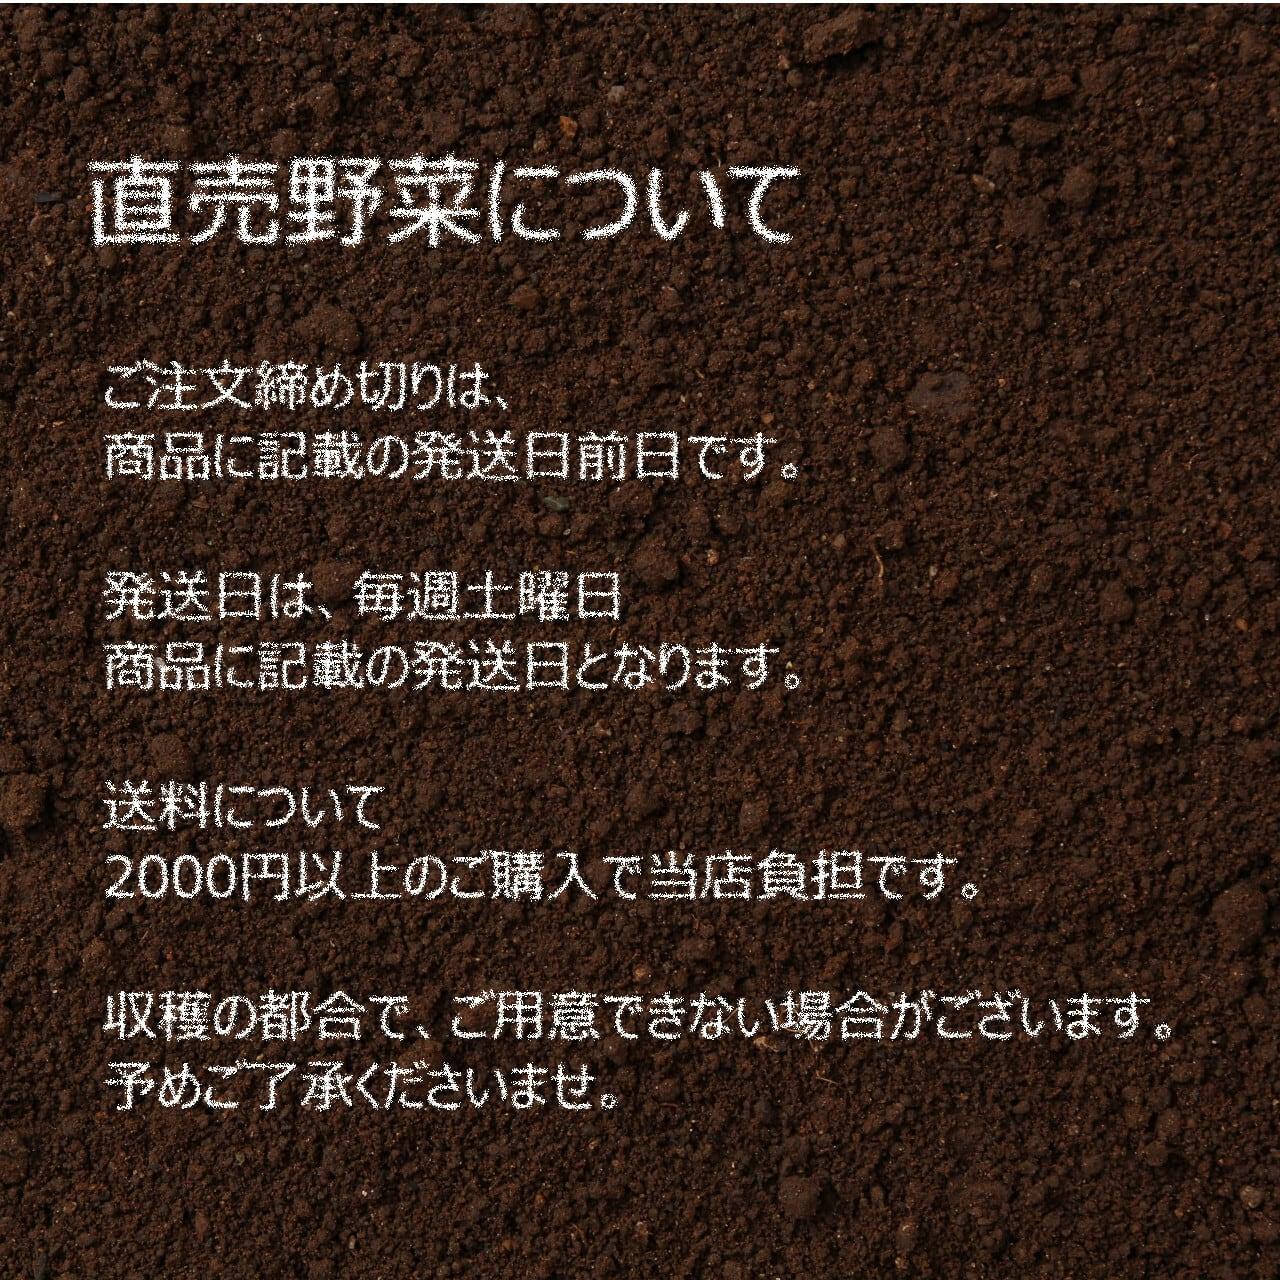 6月の新鮮野菜 : スナップエンドウ 約300g 朝採り直売野菜  6月26日発送予定